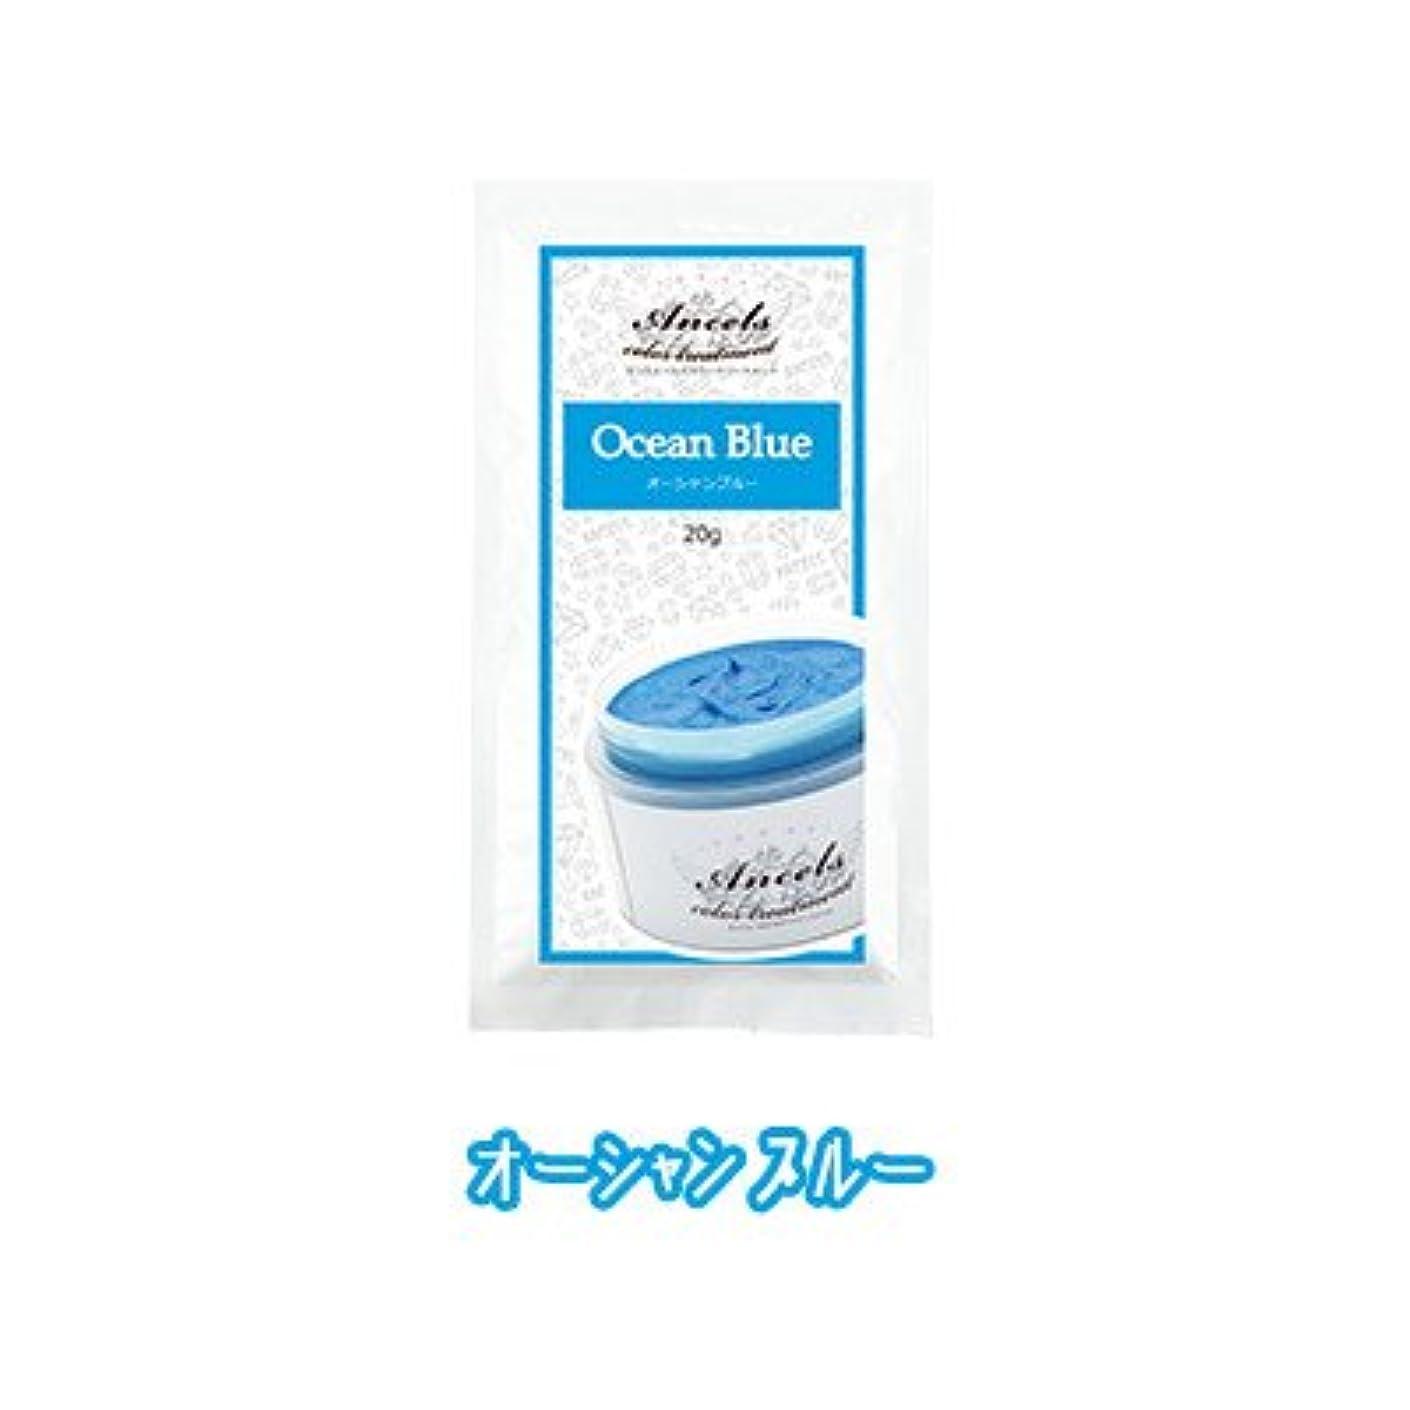 銛憂鬱な順番エンシェールズ カラートリートメントバター プチ(お試しサイズ) オーシャンブルー 20g